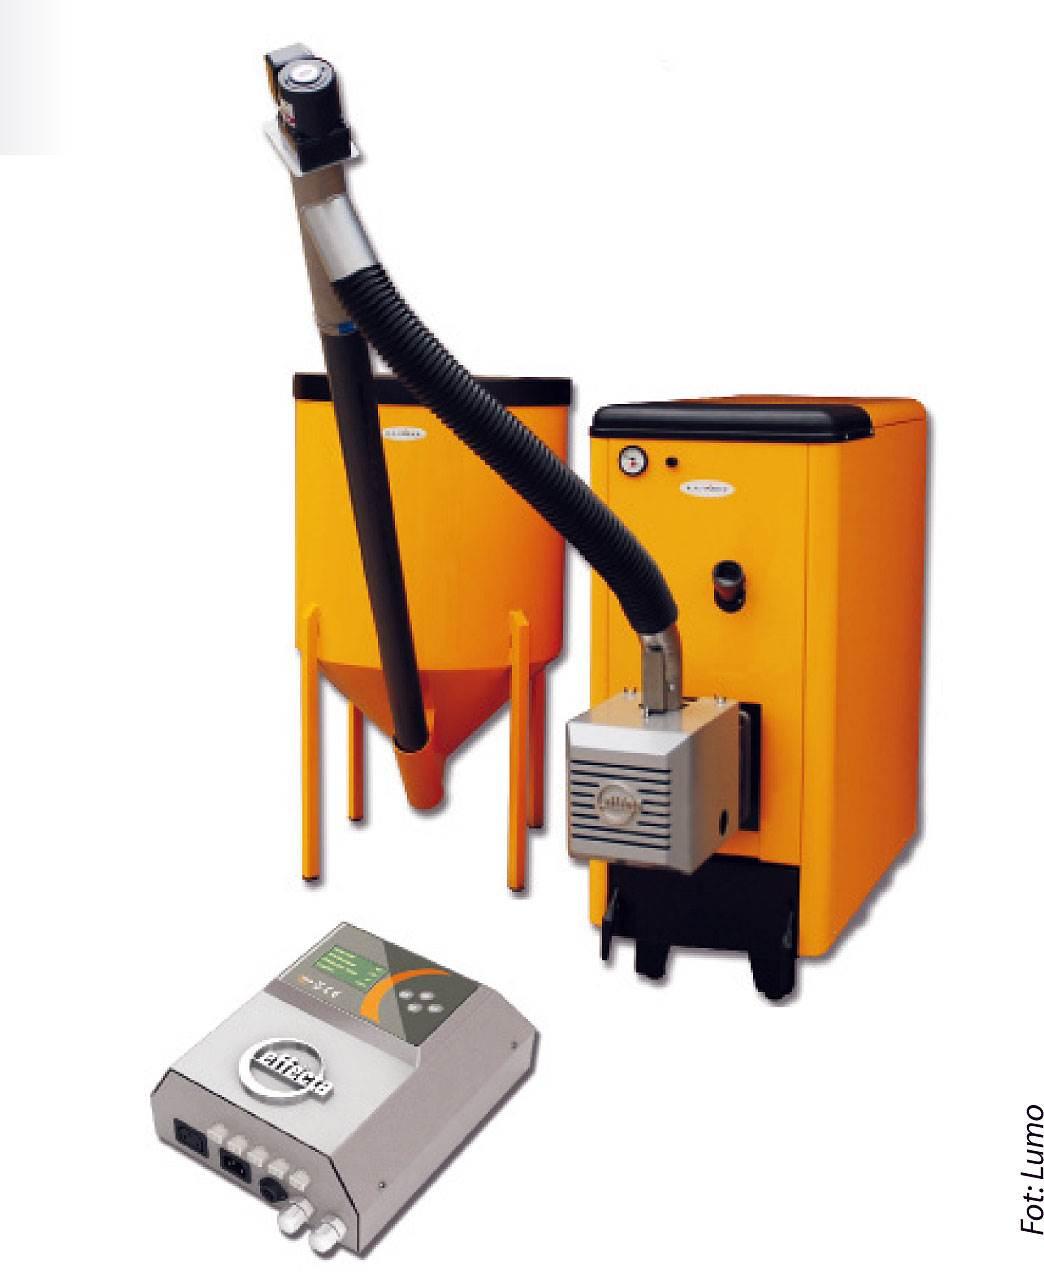 coraz bardziej komfortowe i ekologiczne kotly na paliwa stale 3 - Coraz bardziej komfortowe i ekologiczne, kotły na paliwa stałe